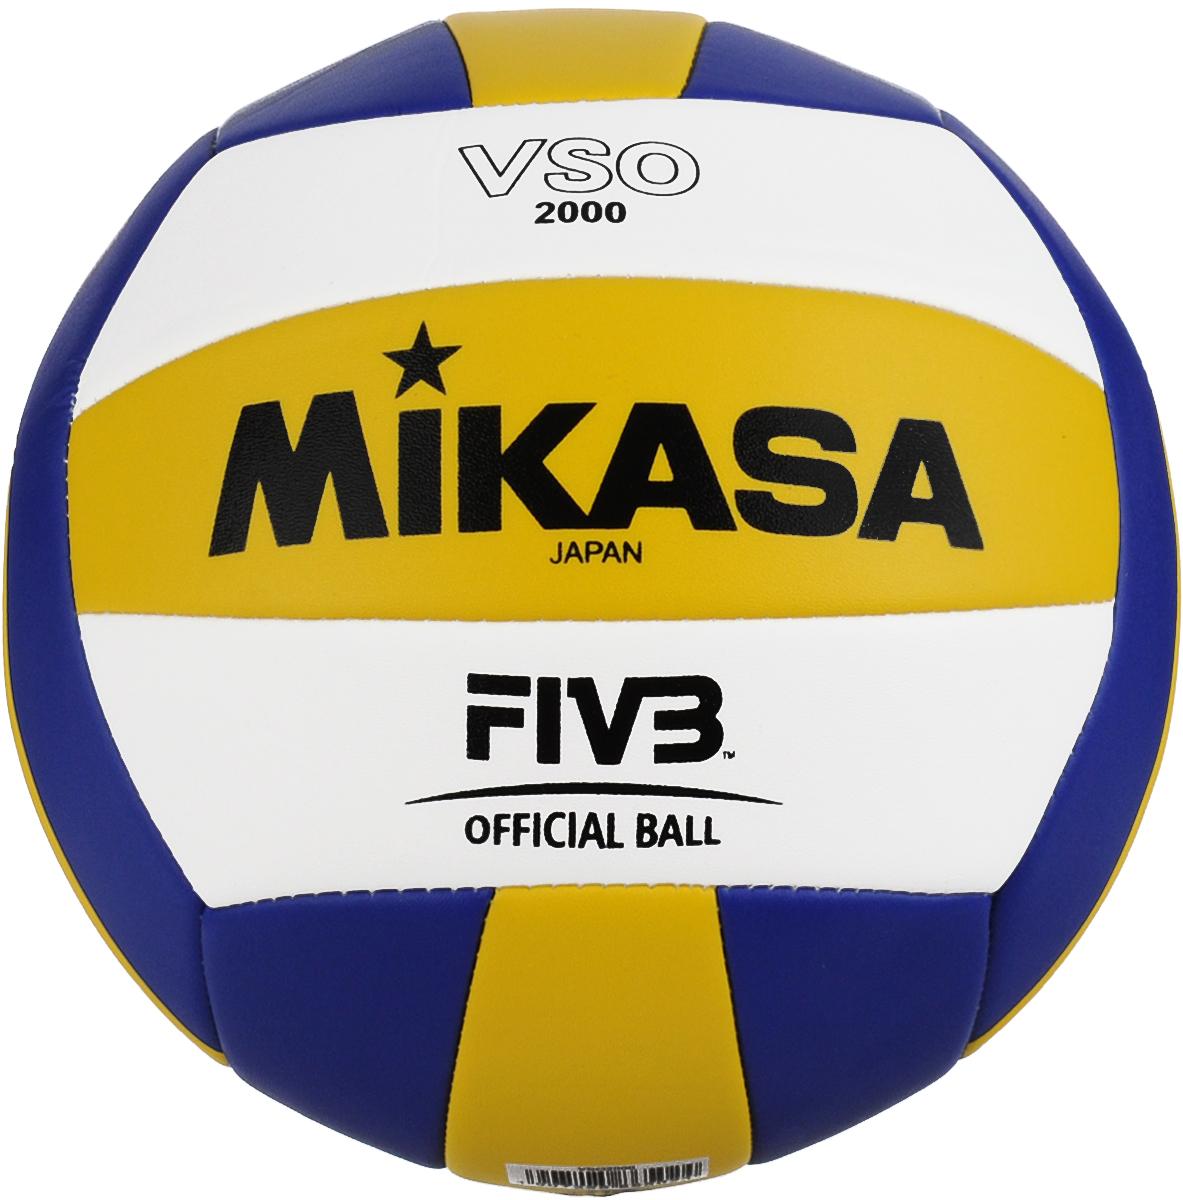 Мяч волейбольный Mikasa VSO 2000. Размер 5УТ-00001285Облегченный мяч Mikasa VSO 2000 предназначен для тренировок начинающих волейболистов и любителей. Изделие состоит из 18 панелей, выполненных из синтетической кожи. Камера изготовлена из бутила. Технология сшивки панелей TwinSTLock обеспечивает долговечность и прочность, как у клееного мяча.УВАЖЕМЫЕ КЛИЕНТЫ!Обращаем ваше внимание на тот факт, что мяч поставляется в сдутом виде. Насос в комплект не входит.